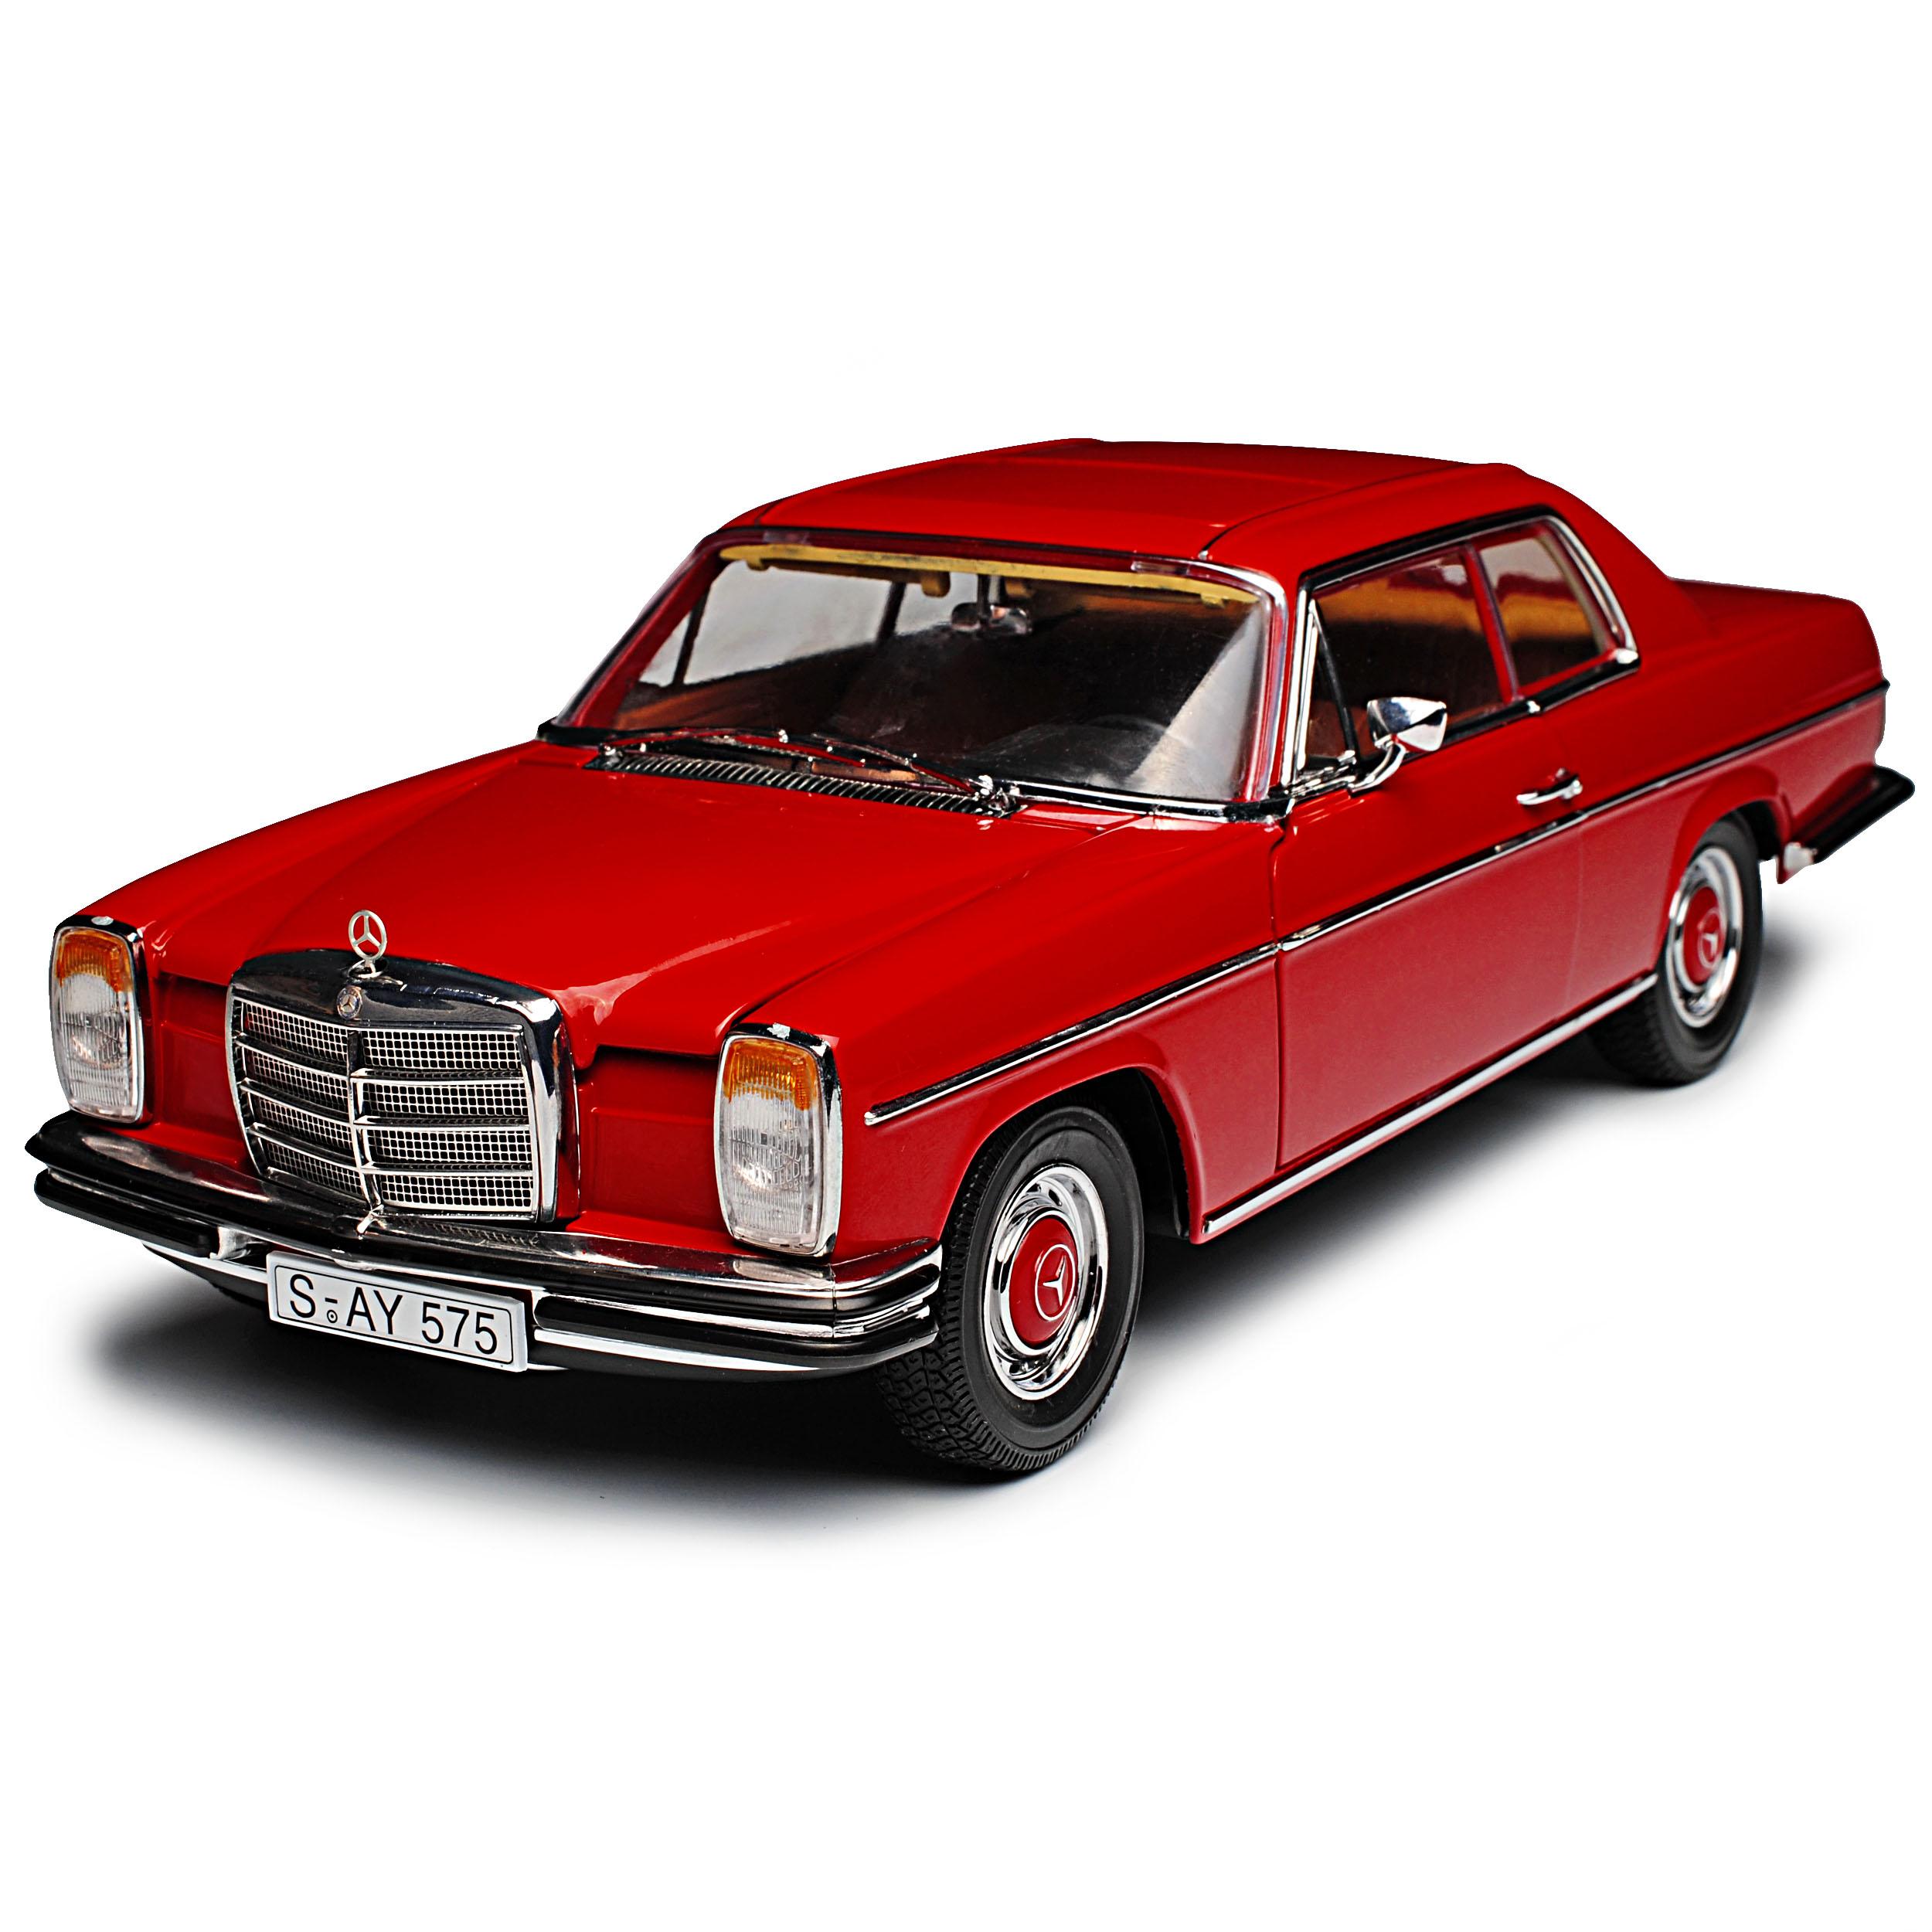 Mercedes-Benz-8-Strich-Acht-Coupe-Dunkel-Rot-W114-1967-1976-1-18-Sun-Star-Mod Indexbild 8